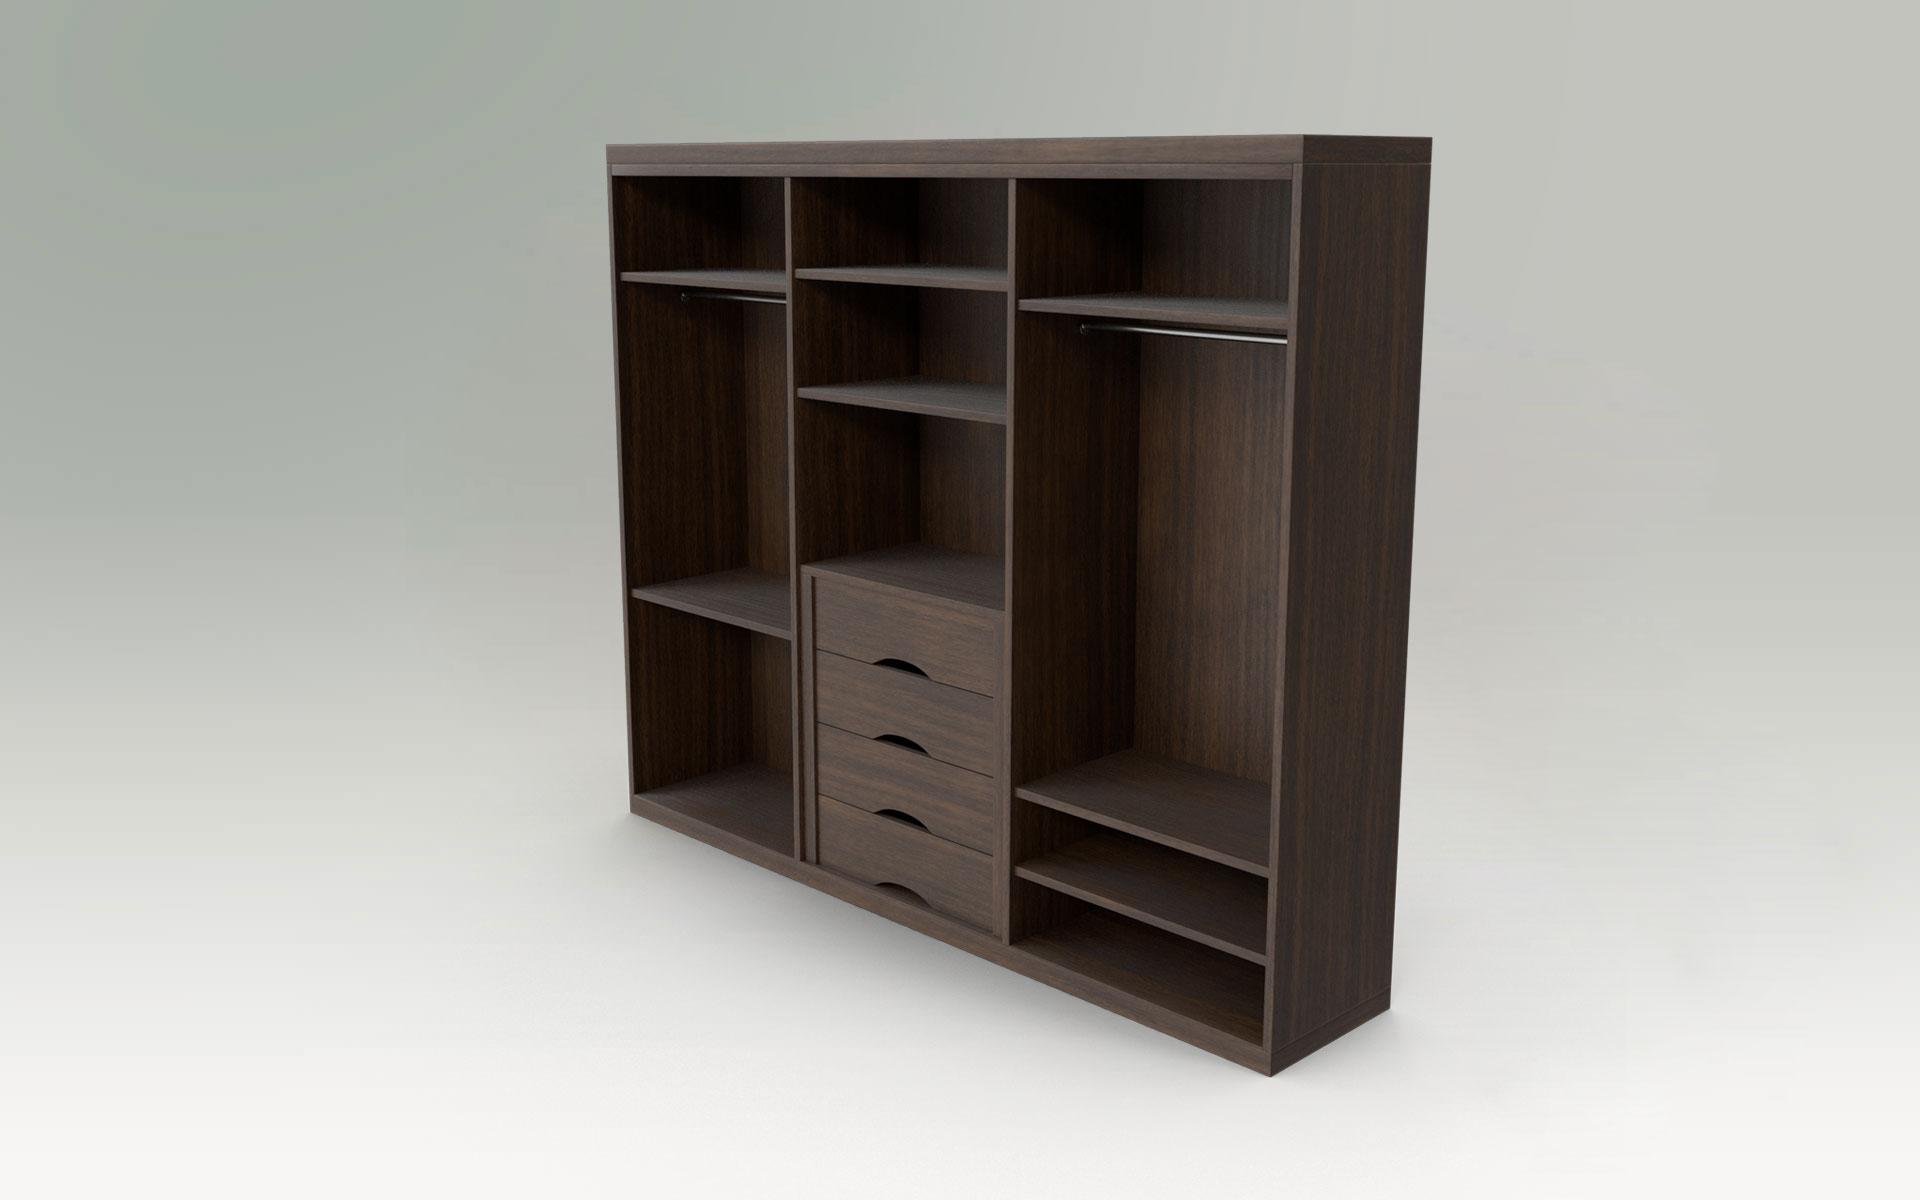 Individuelle Tischlermöbel aus Naturholz für Schlafzimmer | Ankleideraum